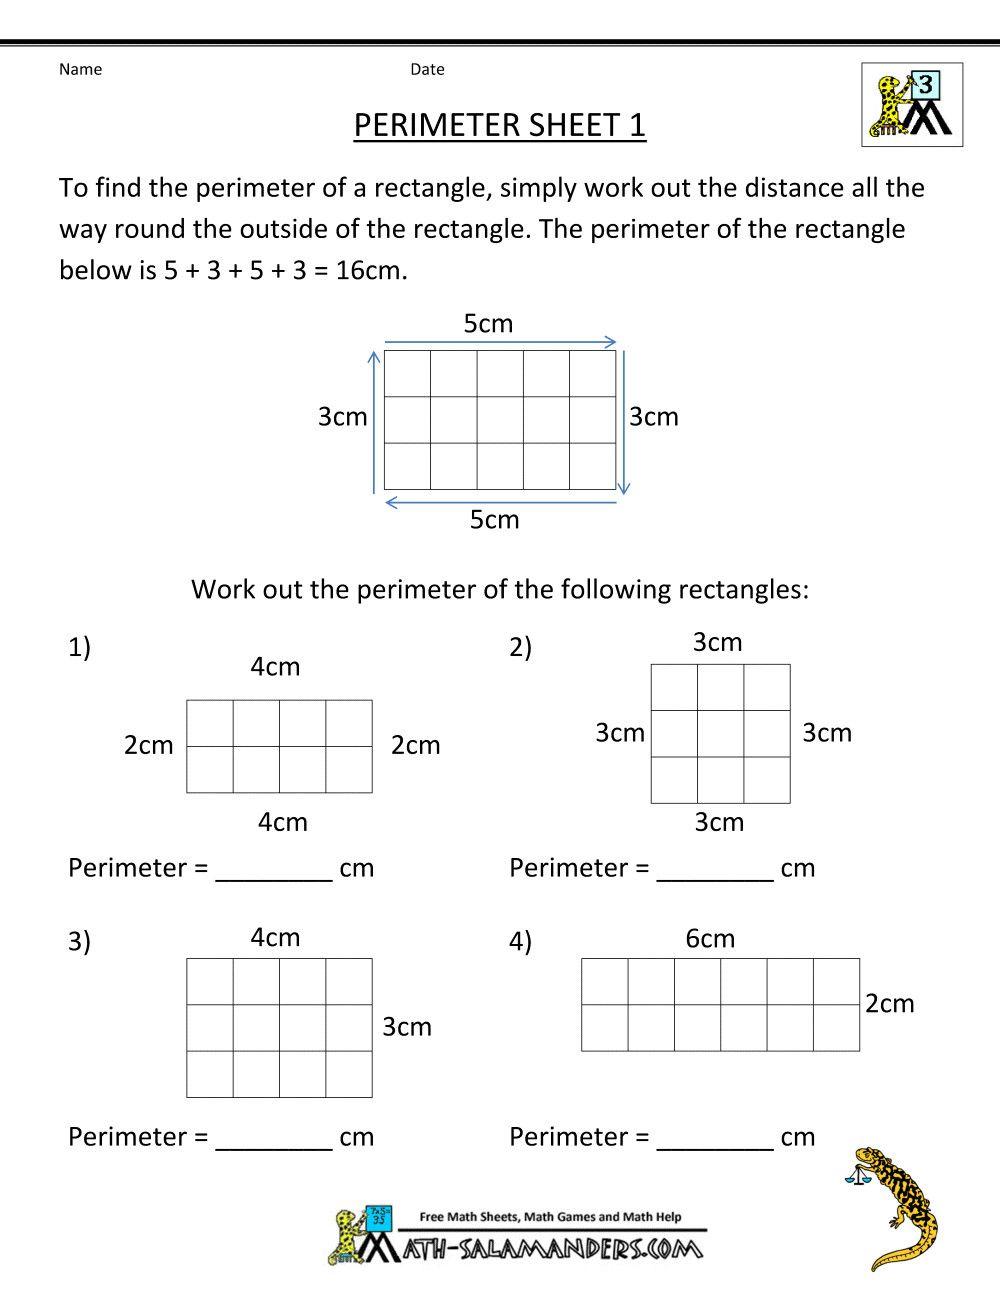 2 Capacity Worksheets Grade 2 free 3rd grade math worksheets perimeter 1    3rd grade math worksheets [ 1294 x 1000 Pixel ]